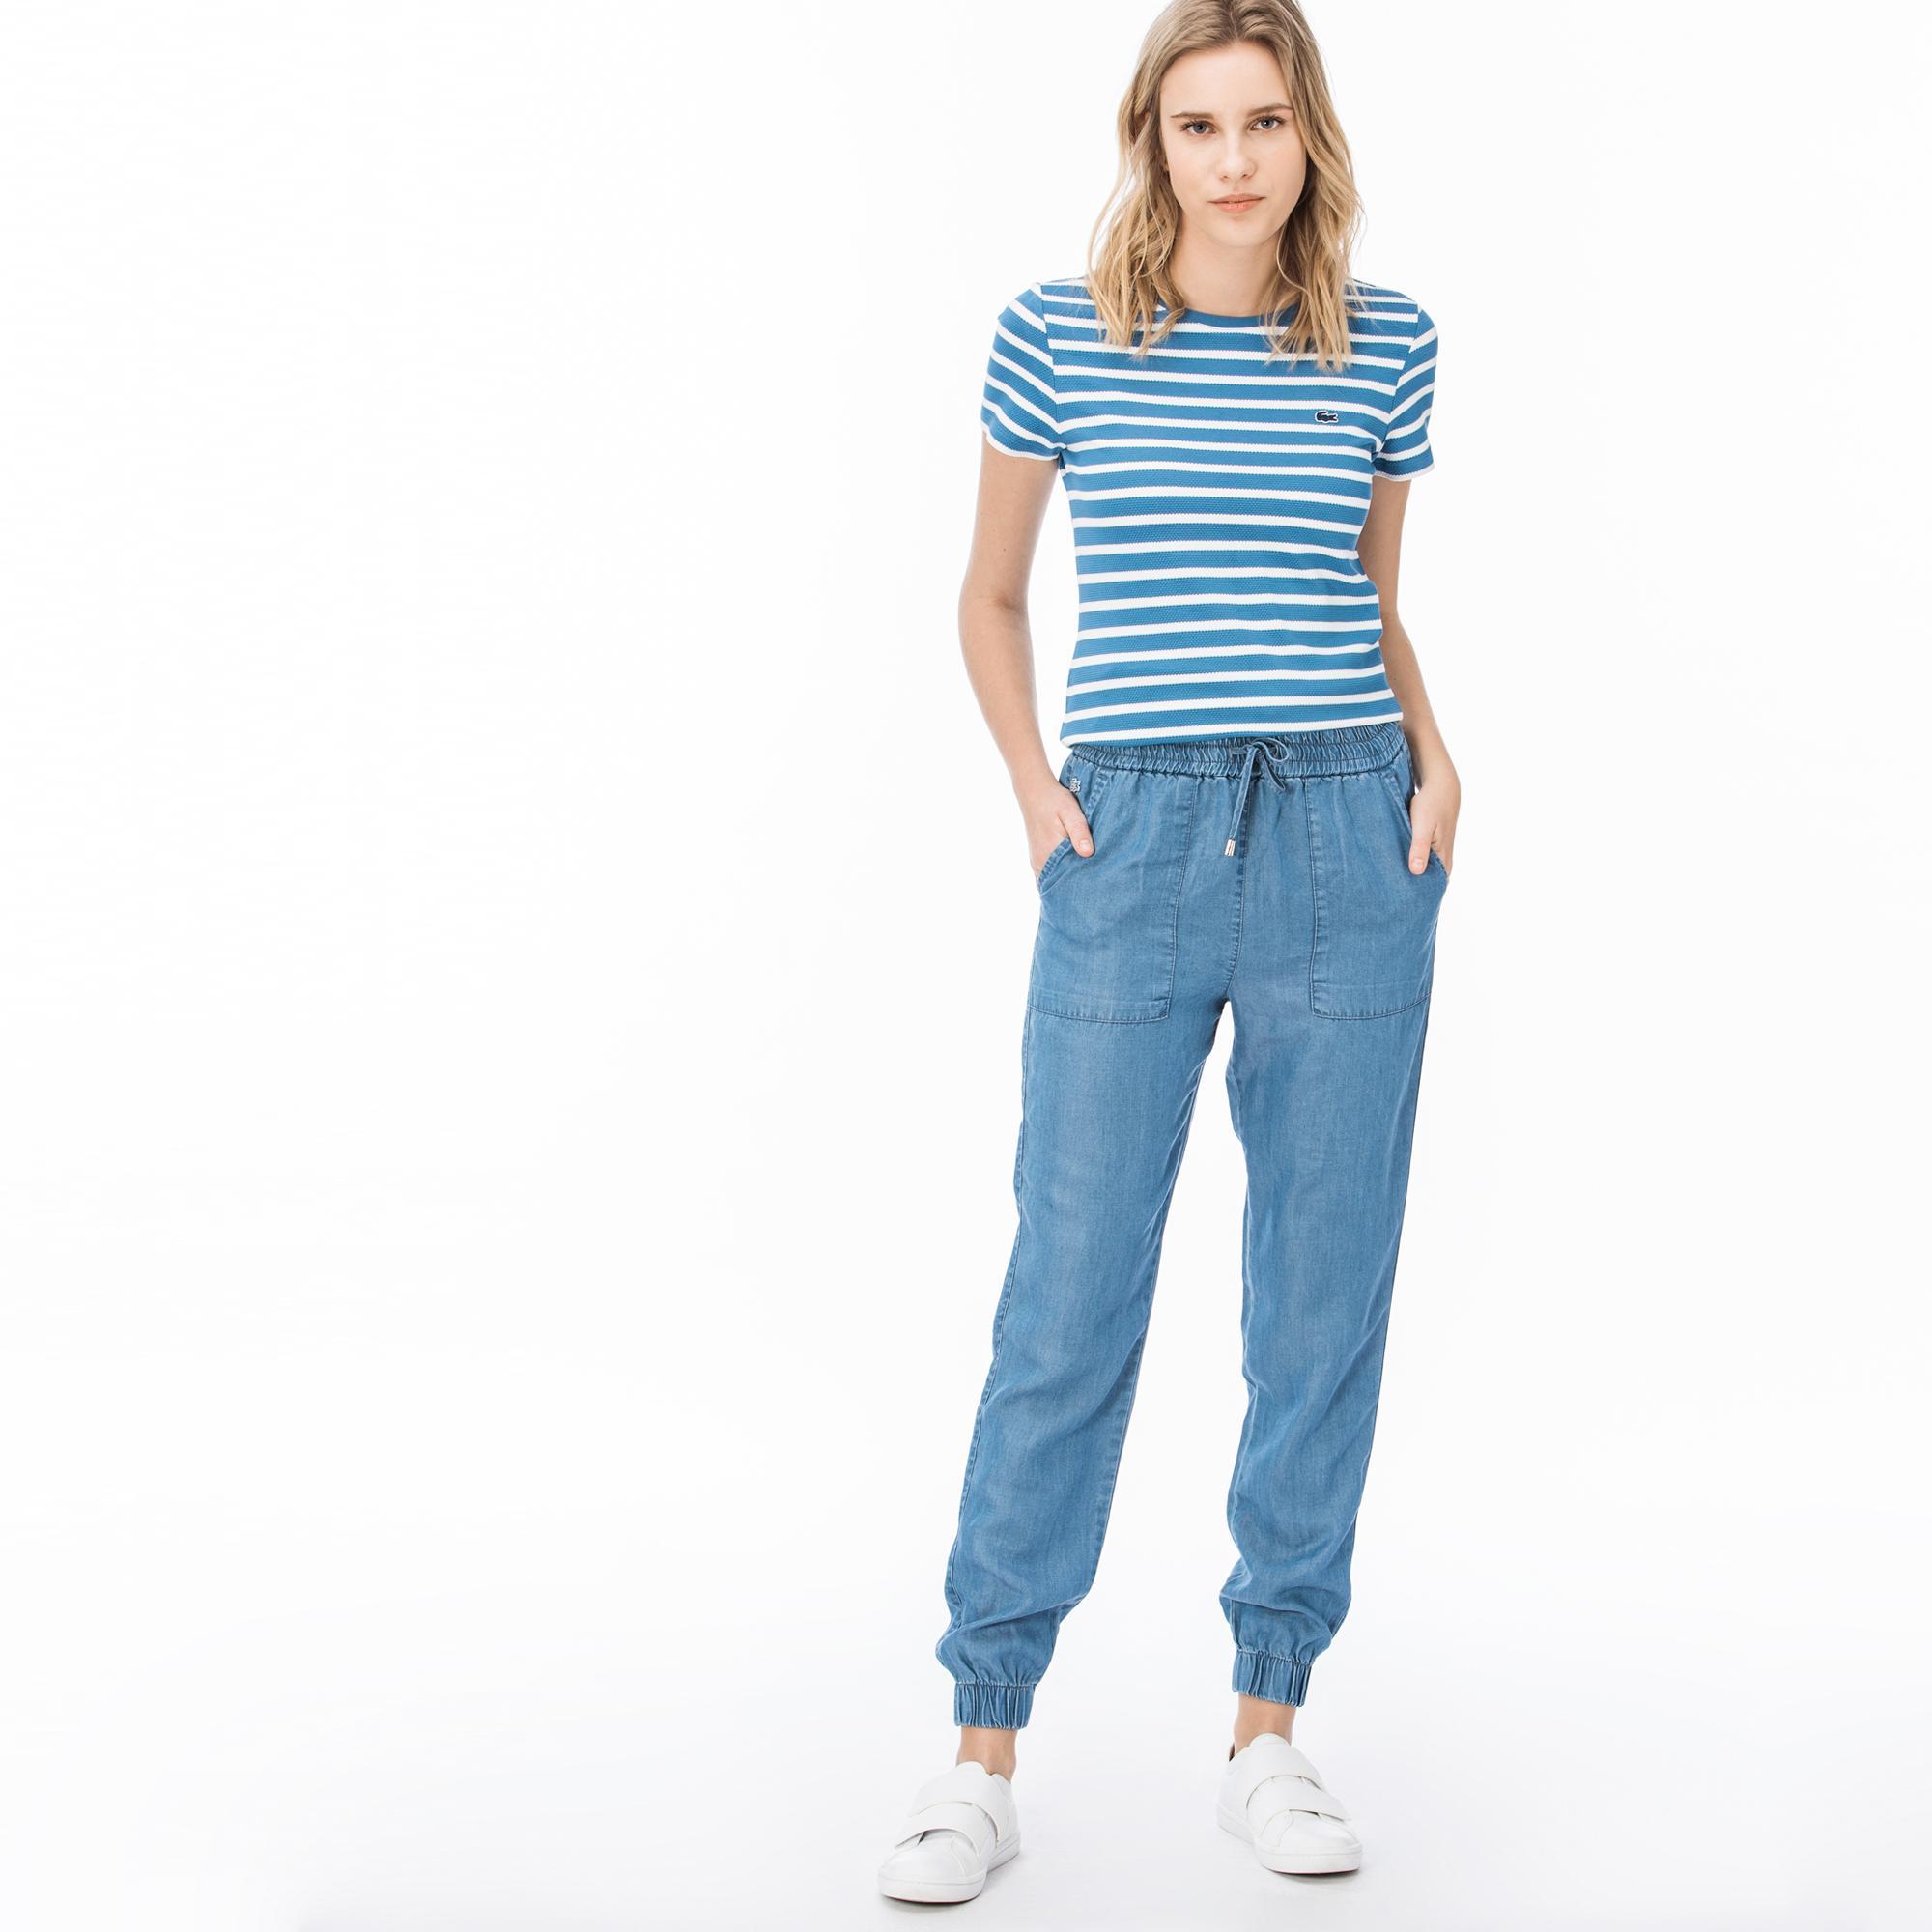 cee48beaec8b2c Lacoste Women's Trousers HF0907 07M | lacoste.pl | Zakupy Online